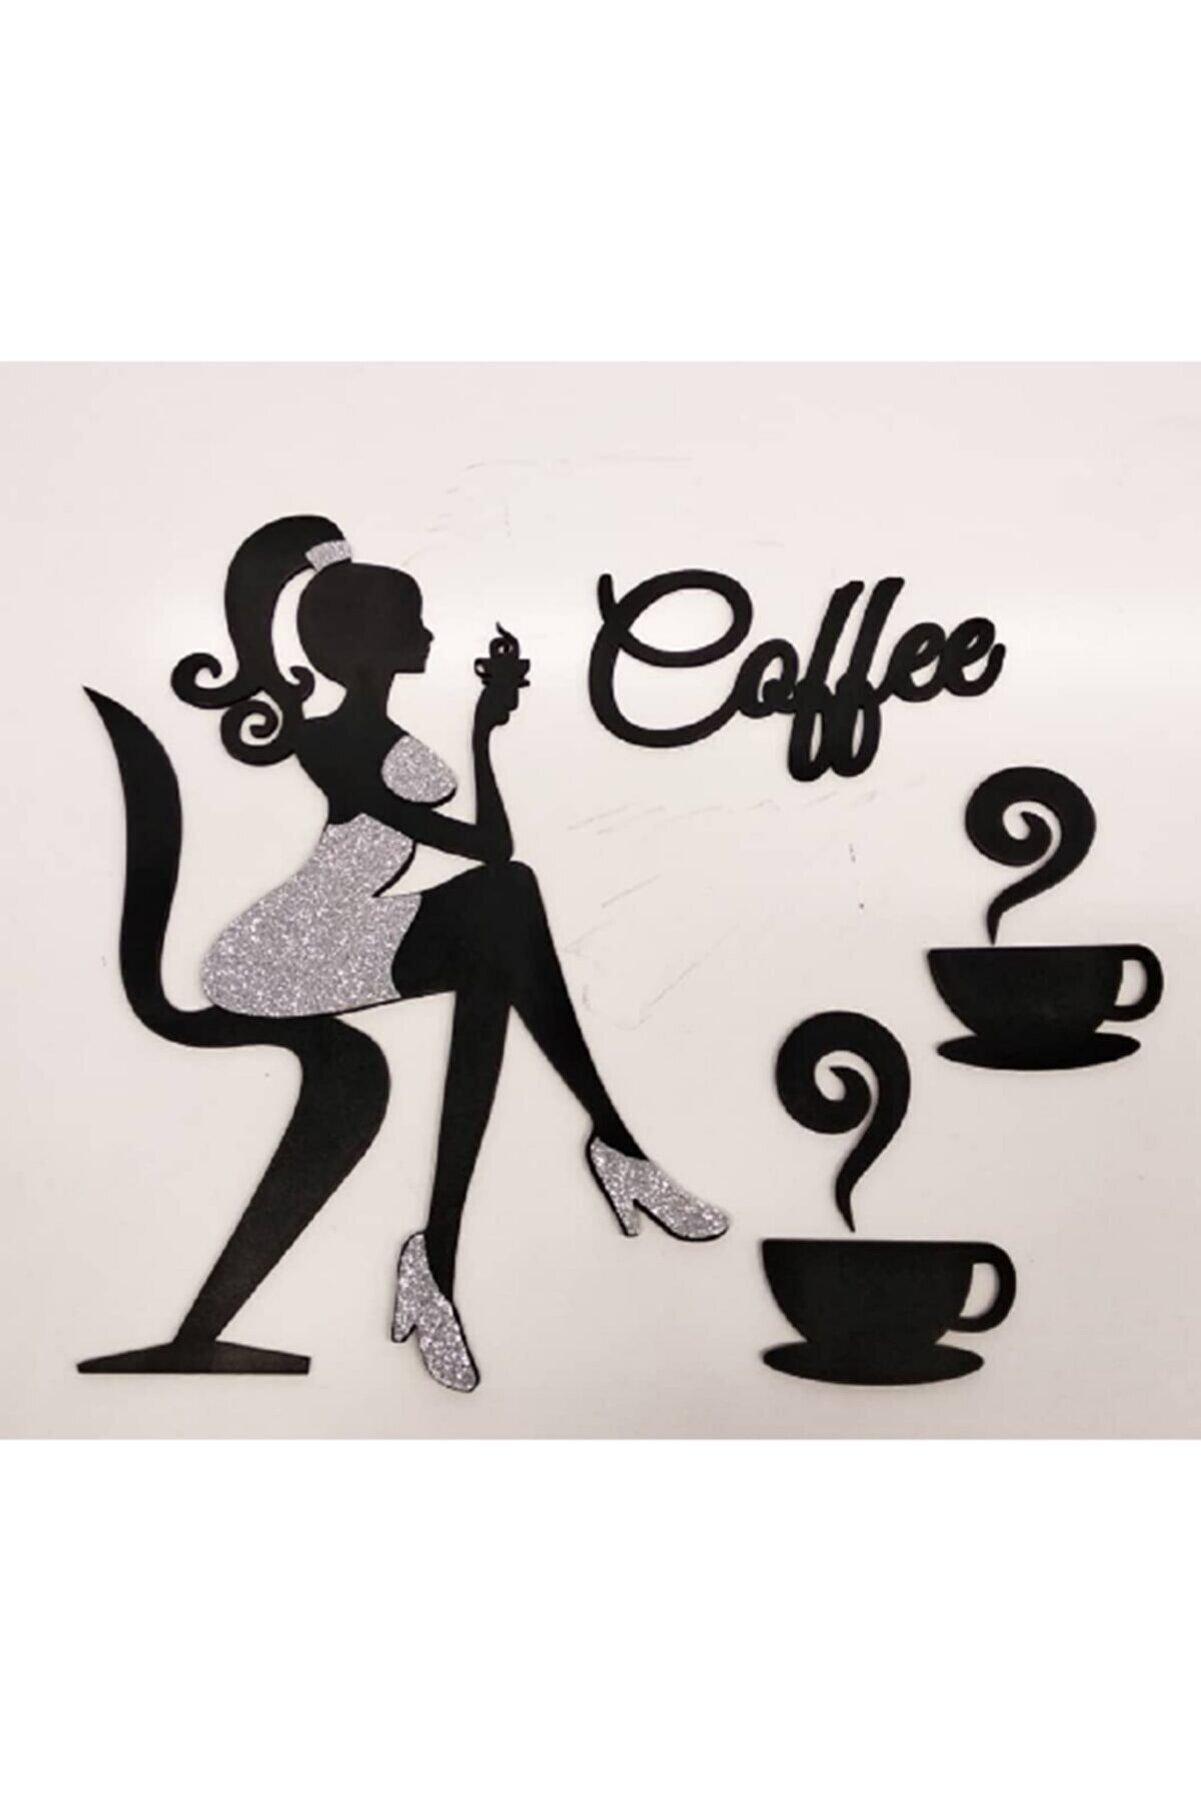 Miana Lazer Simli Kız Silüeti Kahve Yazısı Mutfak Duvar Dekoru